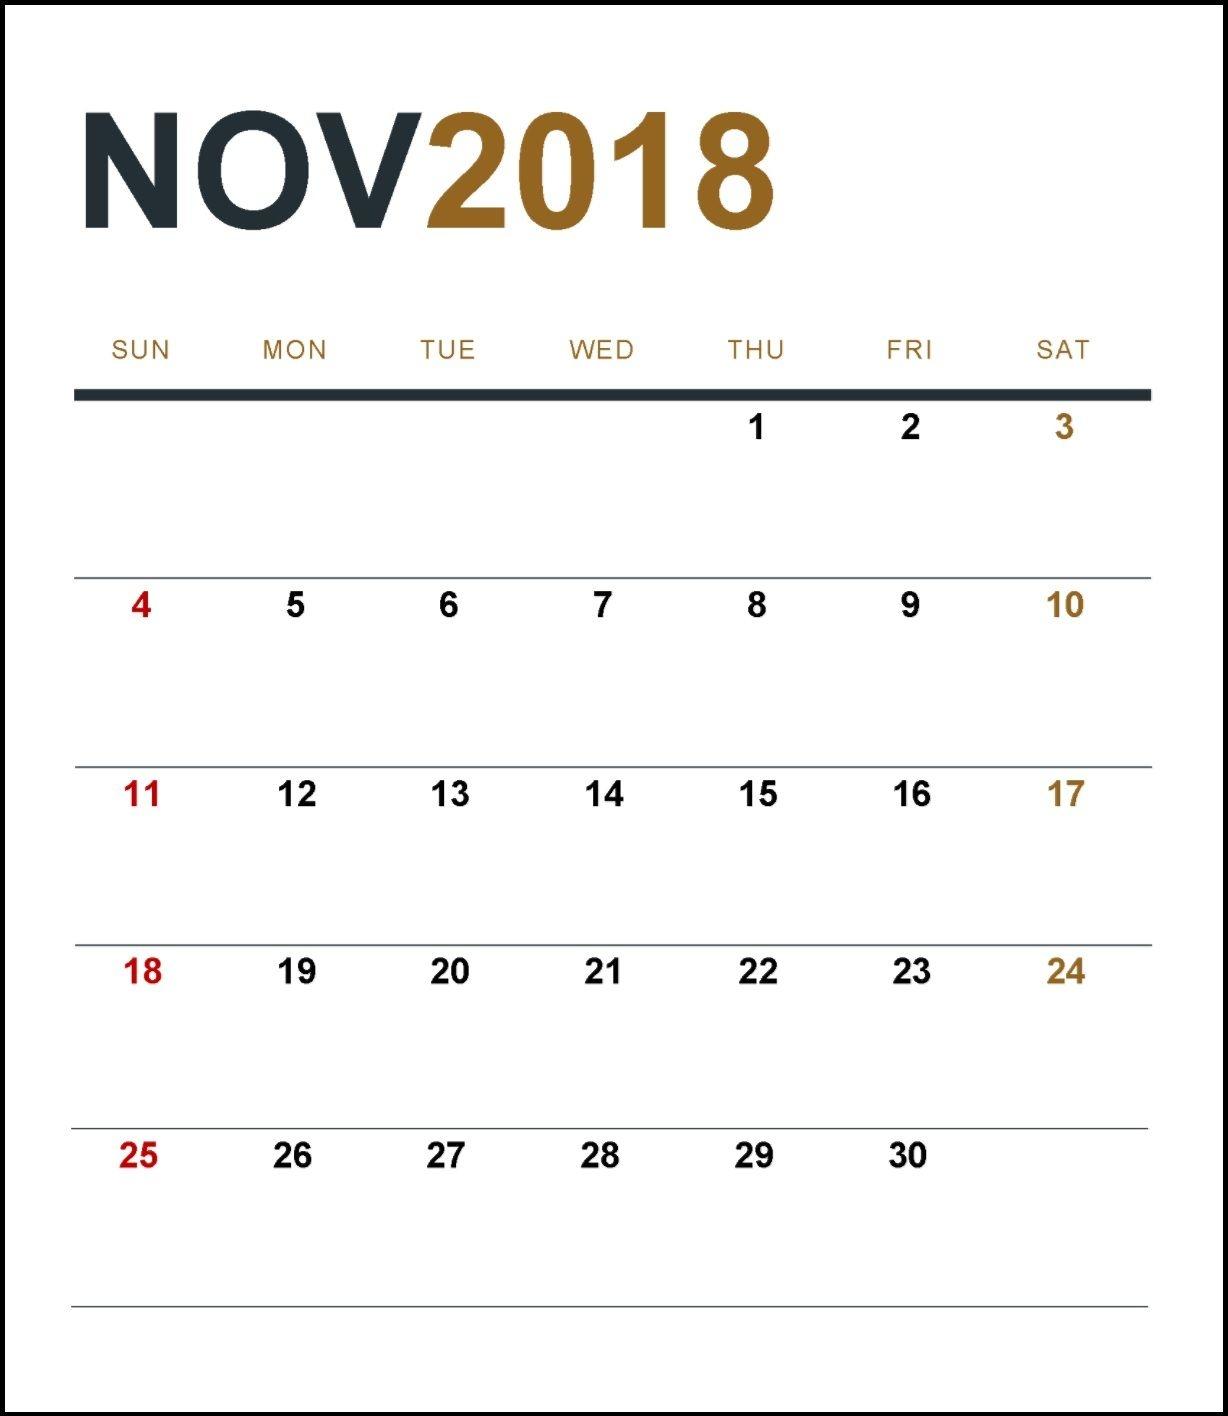 november 2018 calendar template calendar 2018 pinterest november::November 2018 Calendar Template